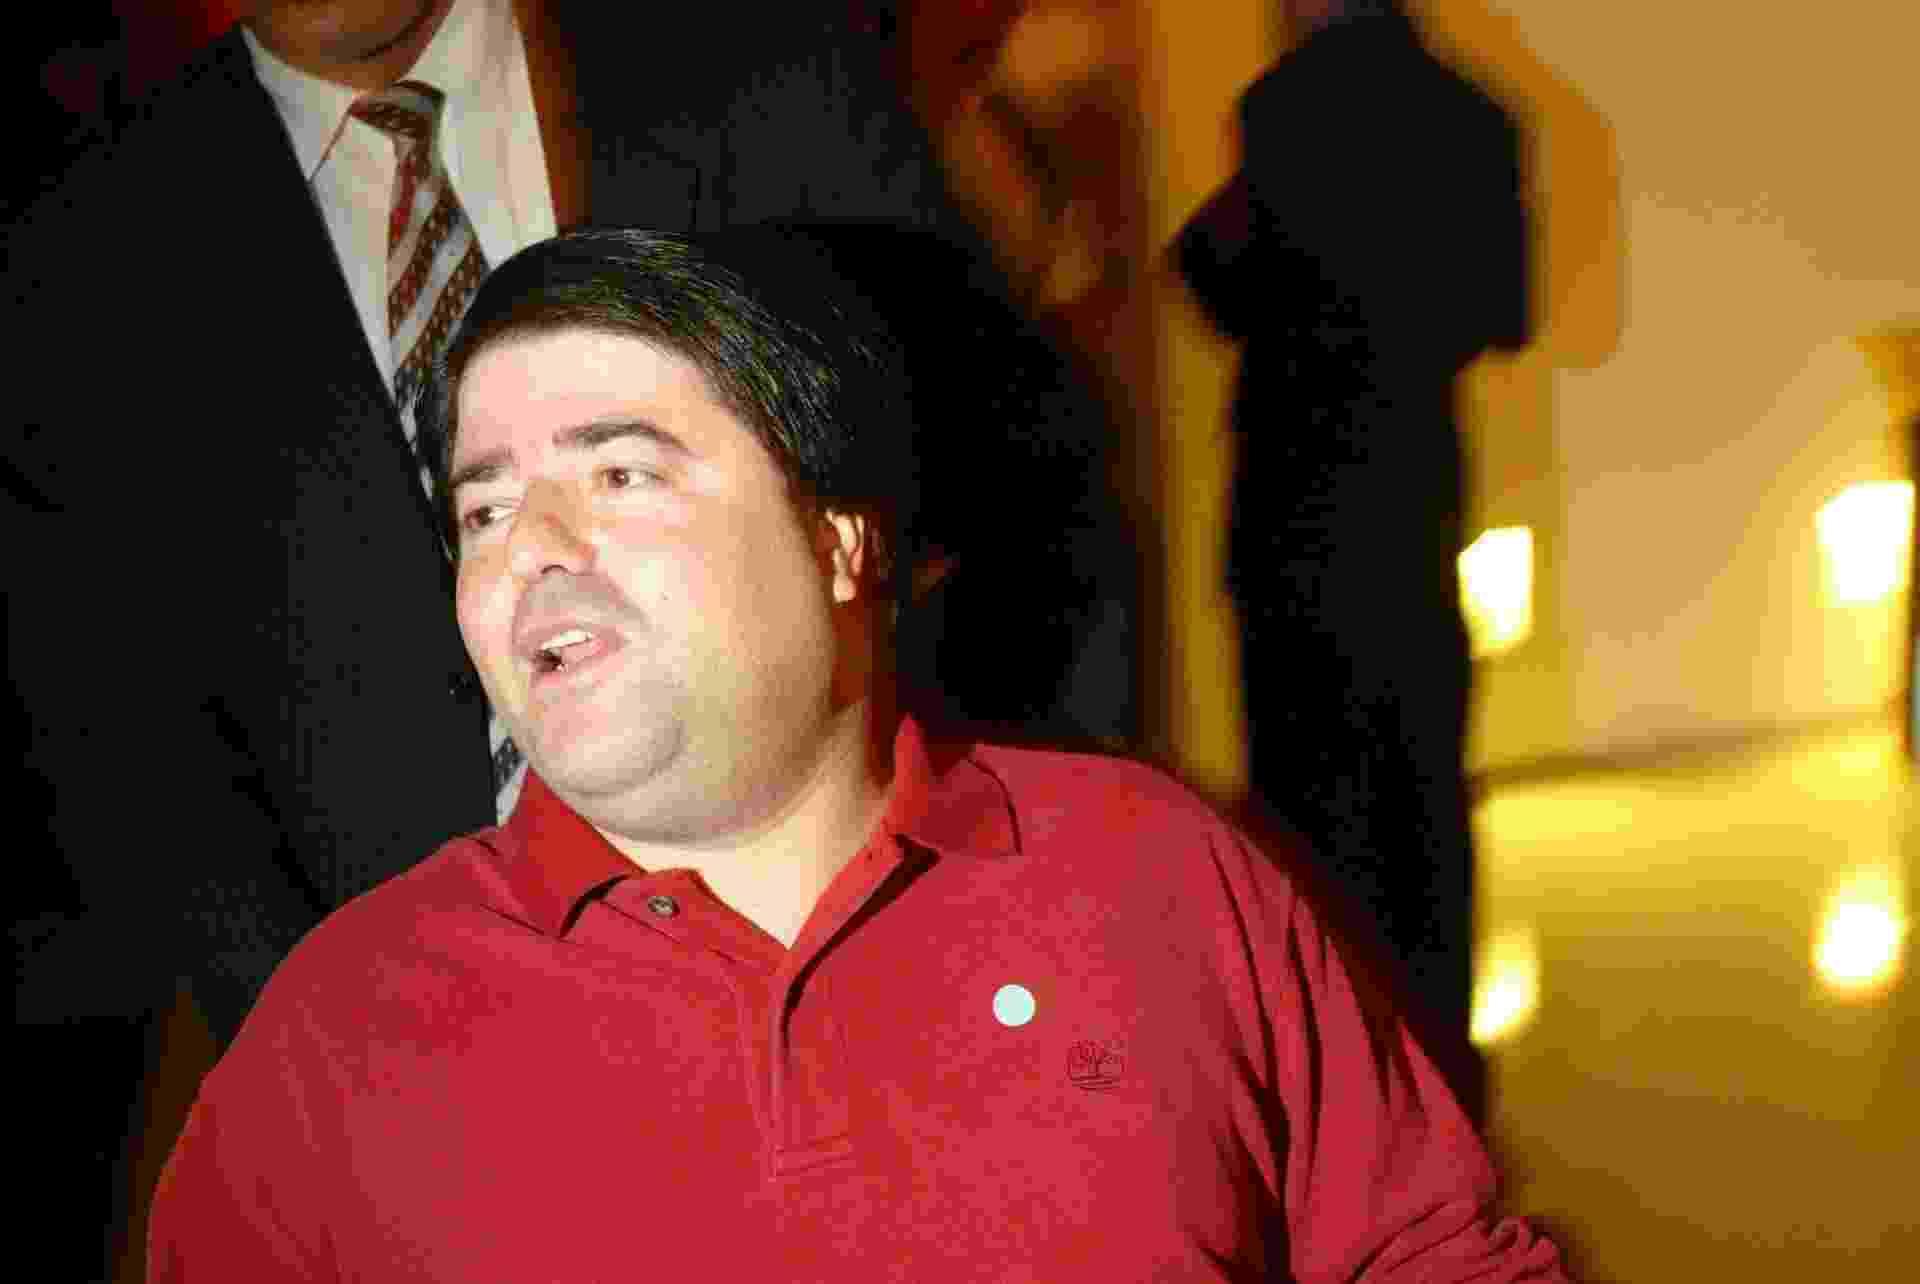 Pedro Moreira Salles durante o concerto de Nelson Freire no auditório Ibirapuera, em São Paulo, 09.11.2006 - João Sal/Folhapress